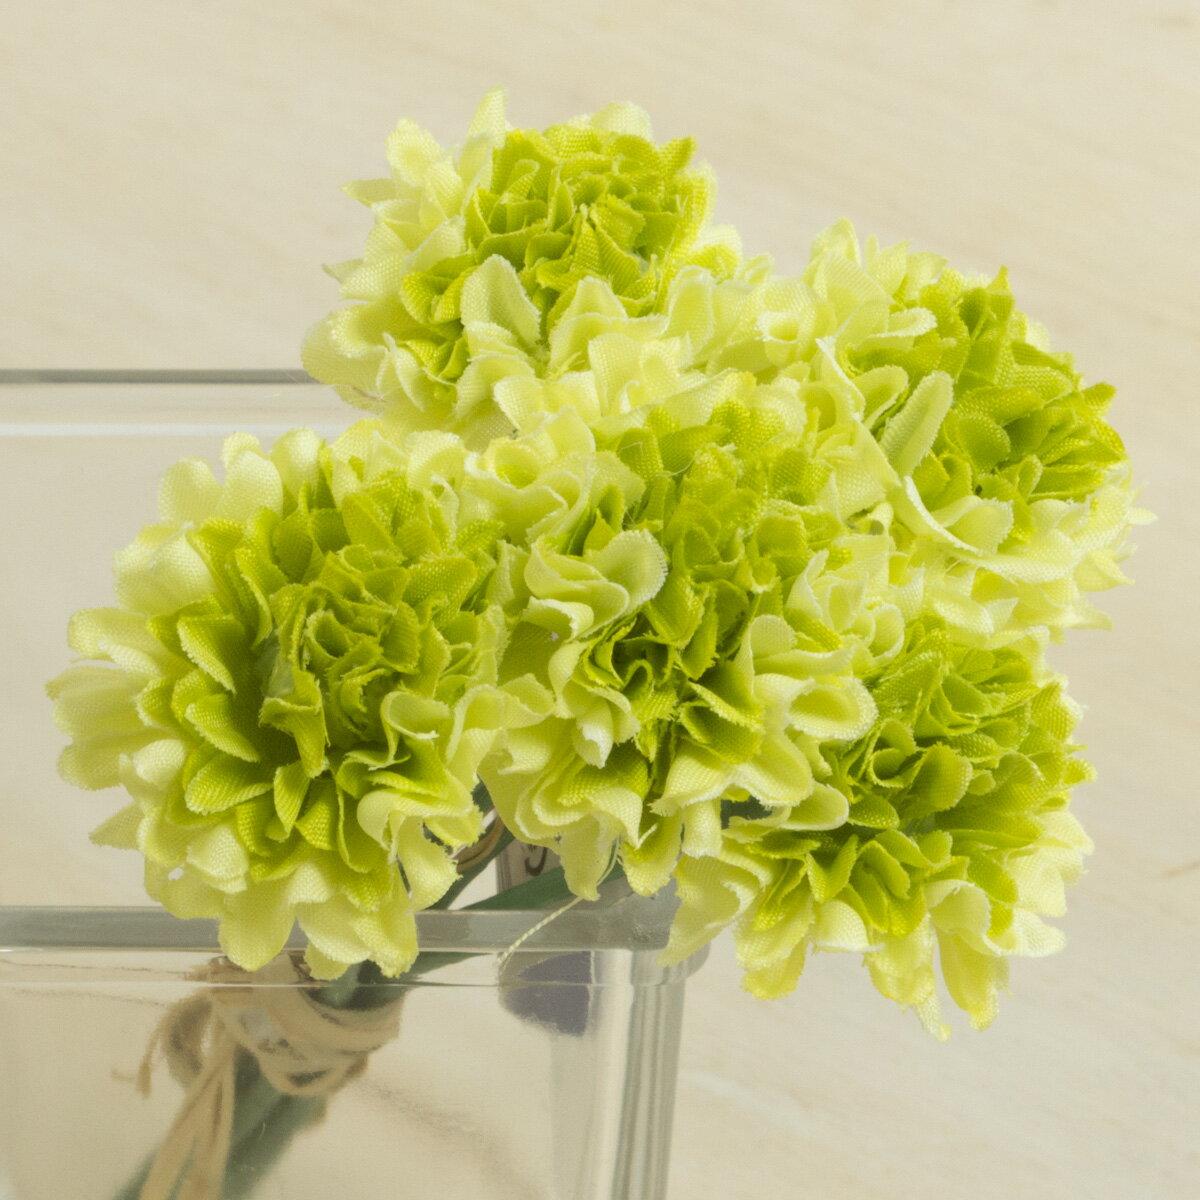 即日 【造花】YDM/ミニピンポンマムピック/FB2346-GR《 造花(アーティフィシャルフラワー) 造花 花材「か行」 キク(菊)・ピンポンマム 》